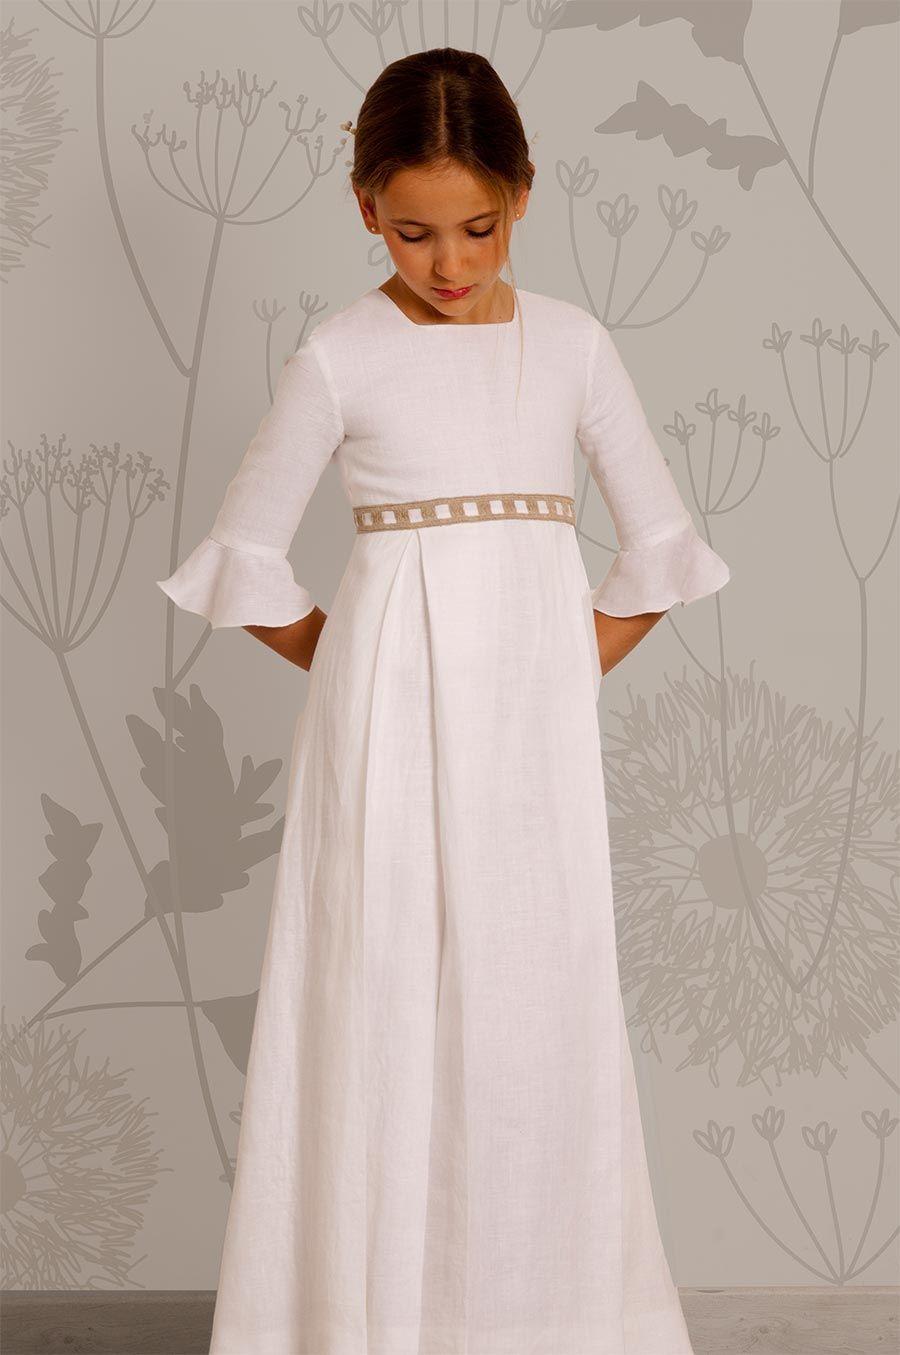 0461cbf98 Vestidos comunión niña | tunica Pau | Vestidos comunion niña ...